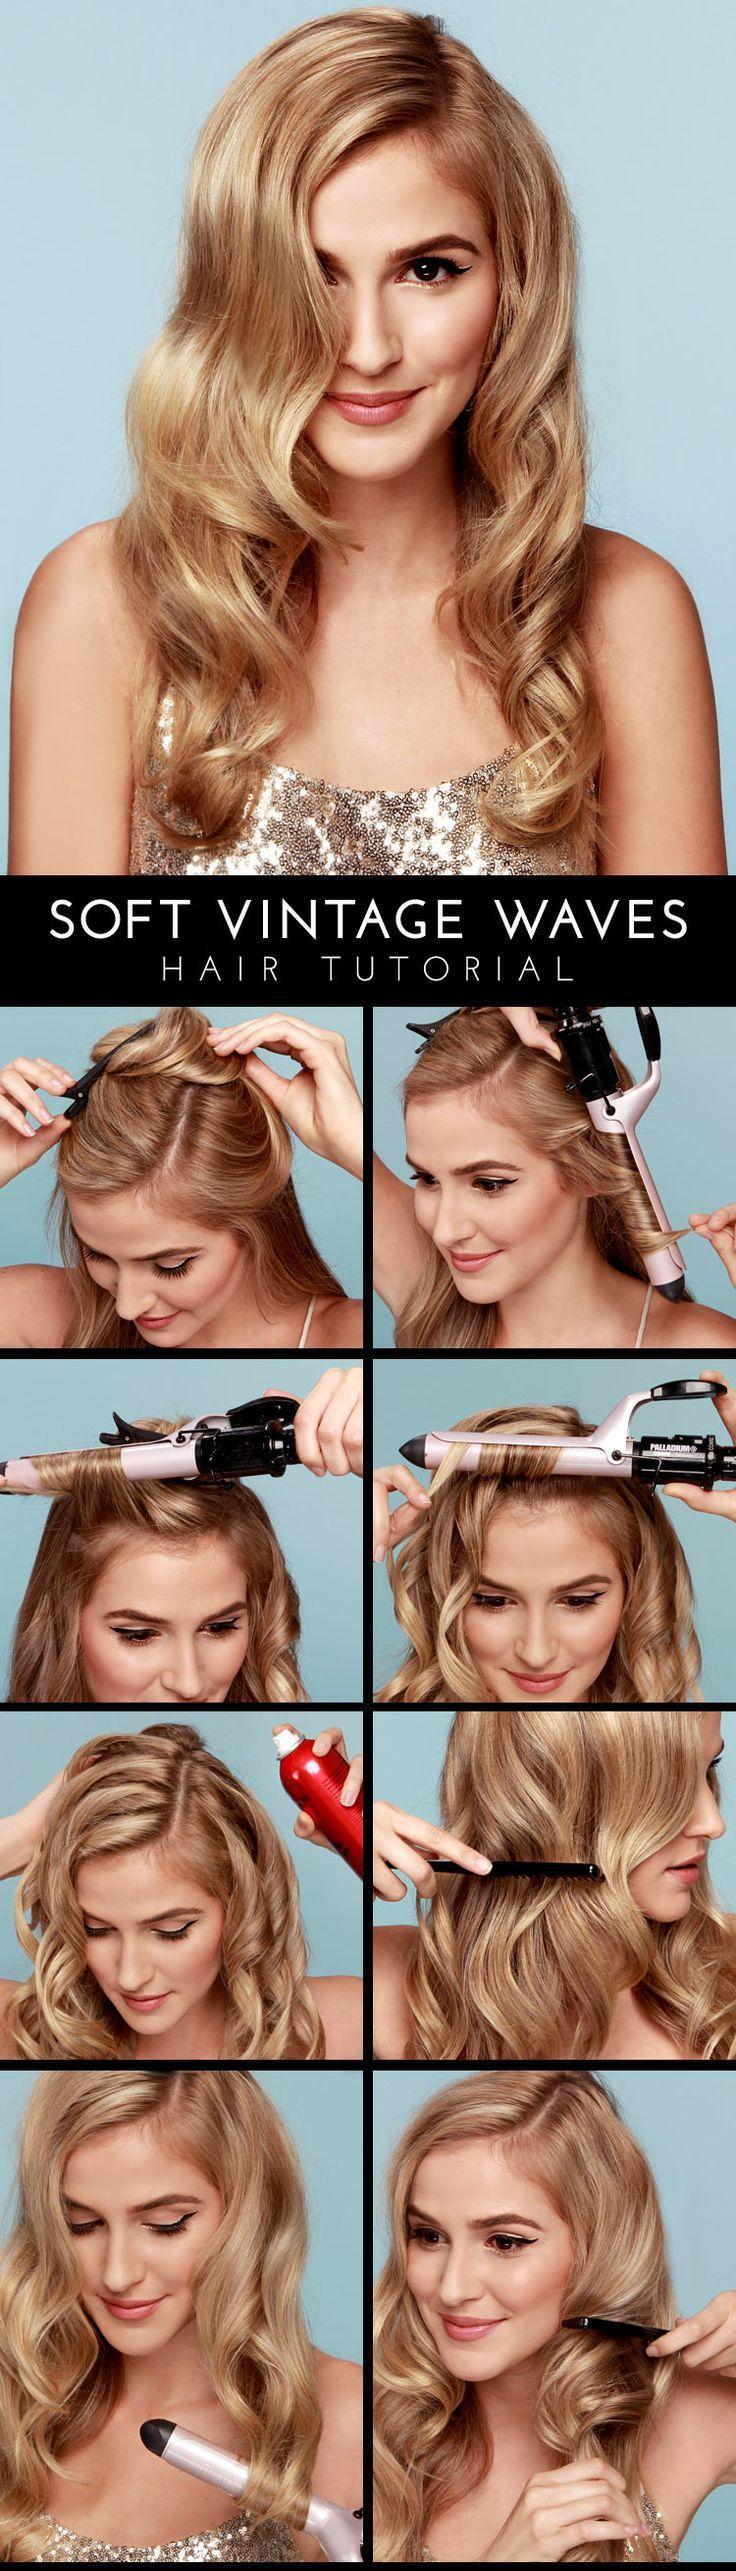 Soft Vintage Waves Hair Tutorial